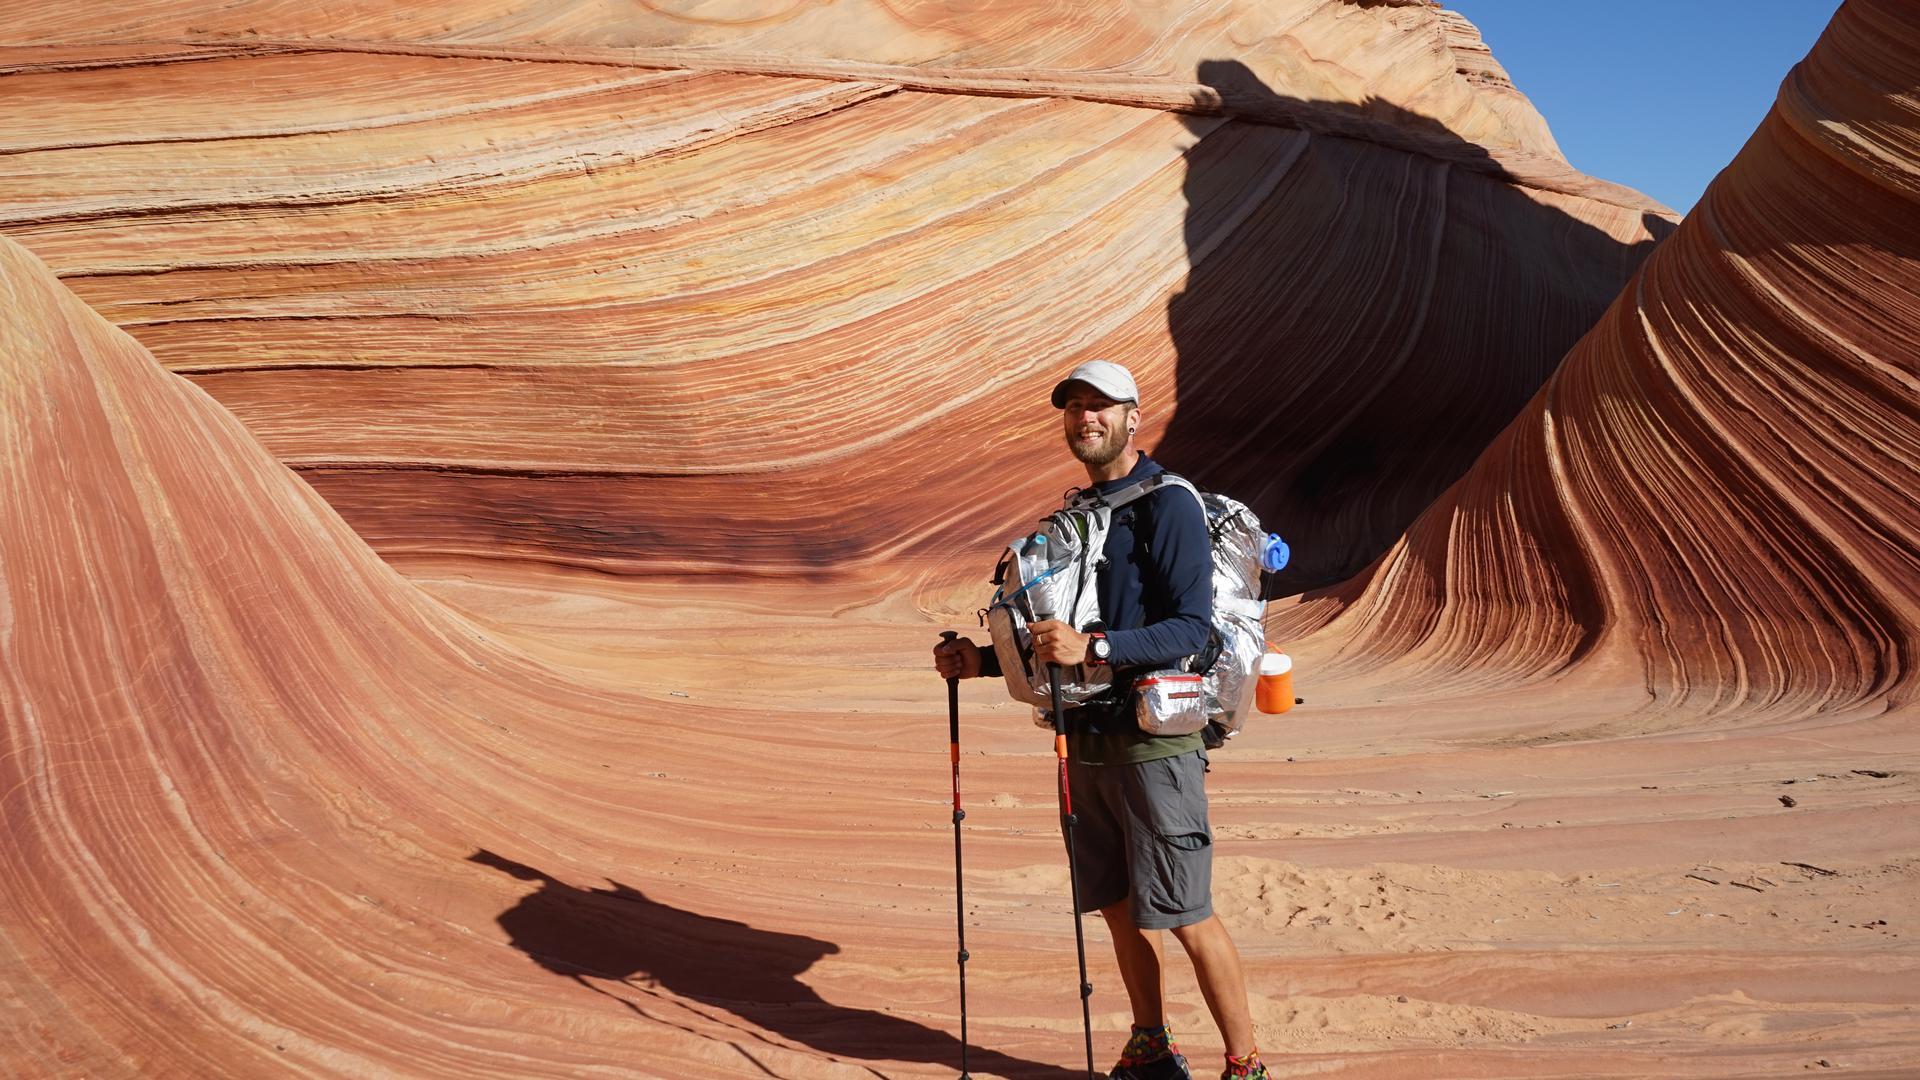 Mann mit Wanderausrüstung in der Wüste